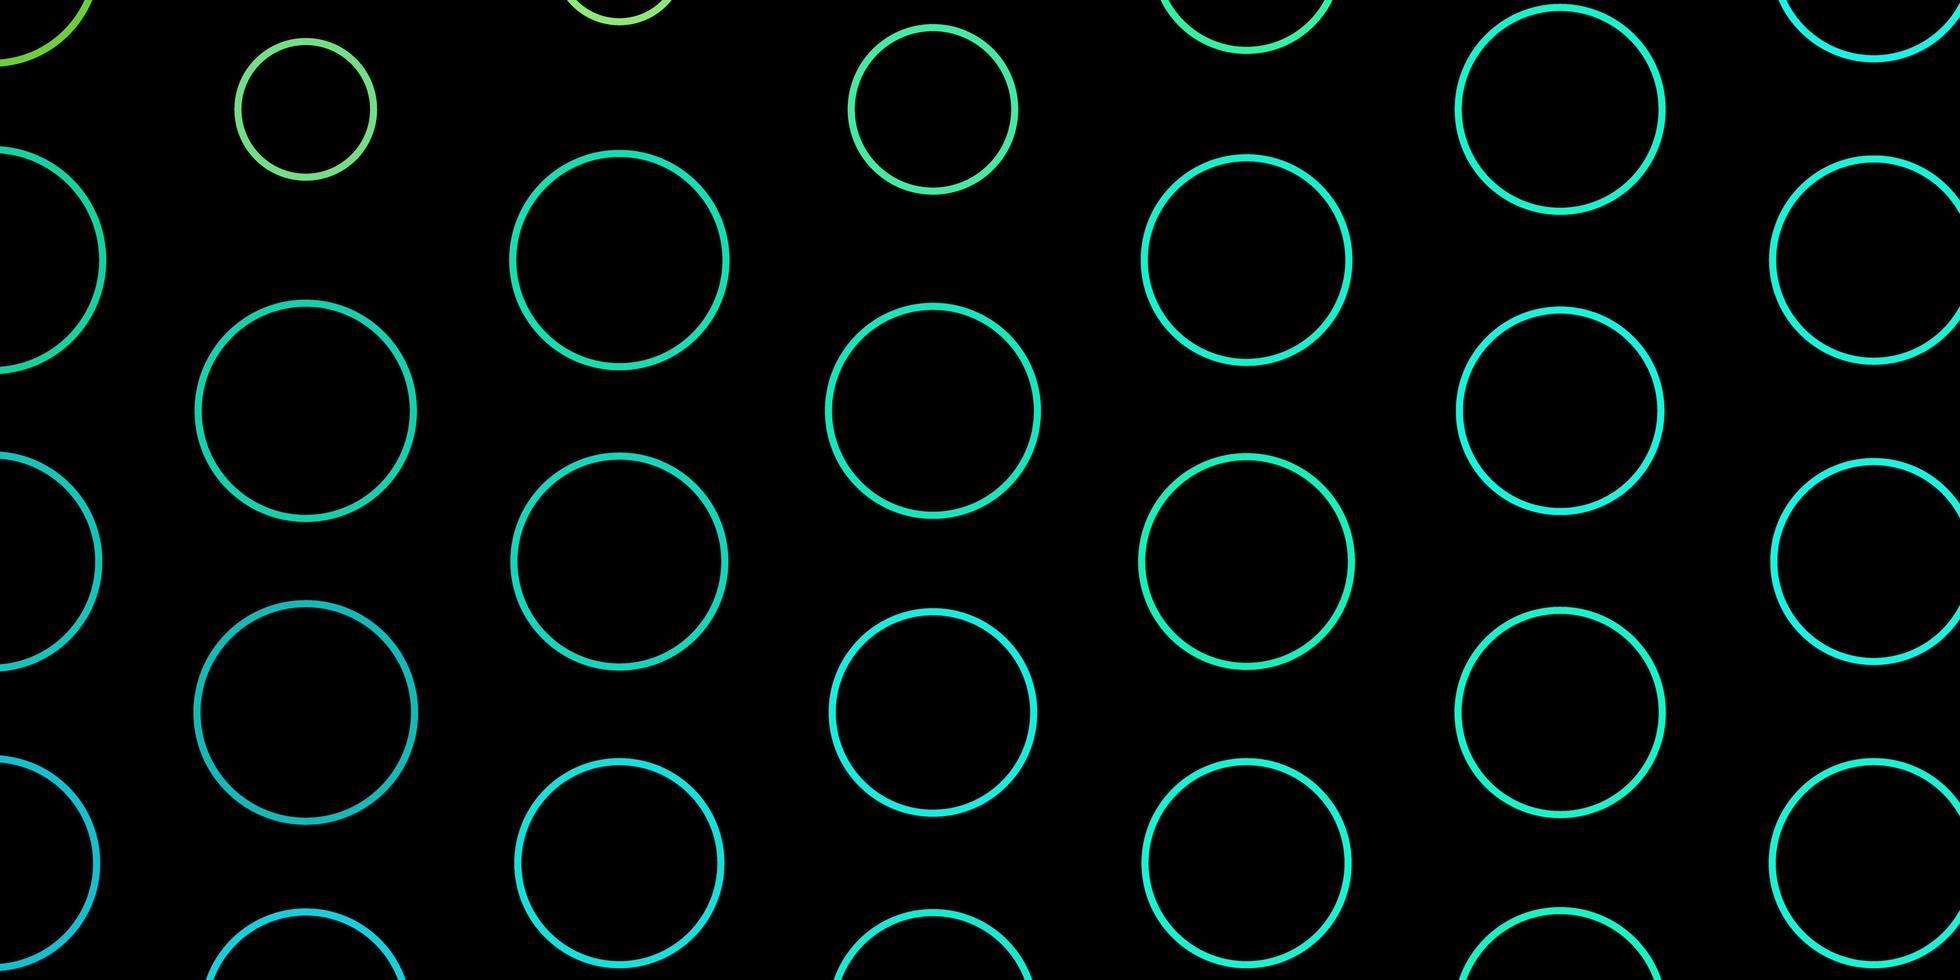 layout verde escuro com círculos. vetor